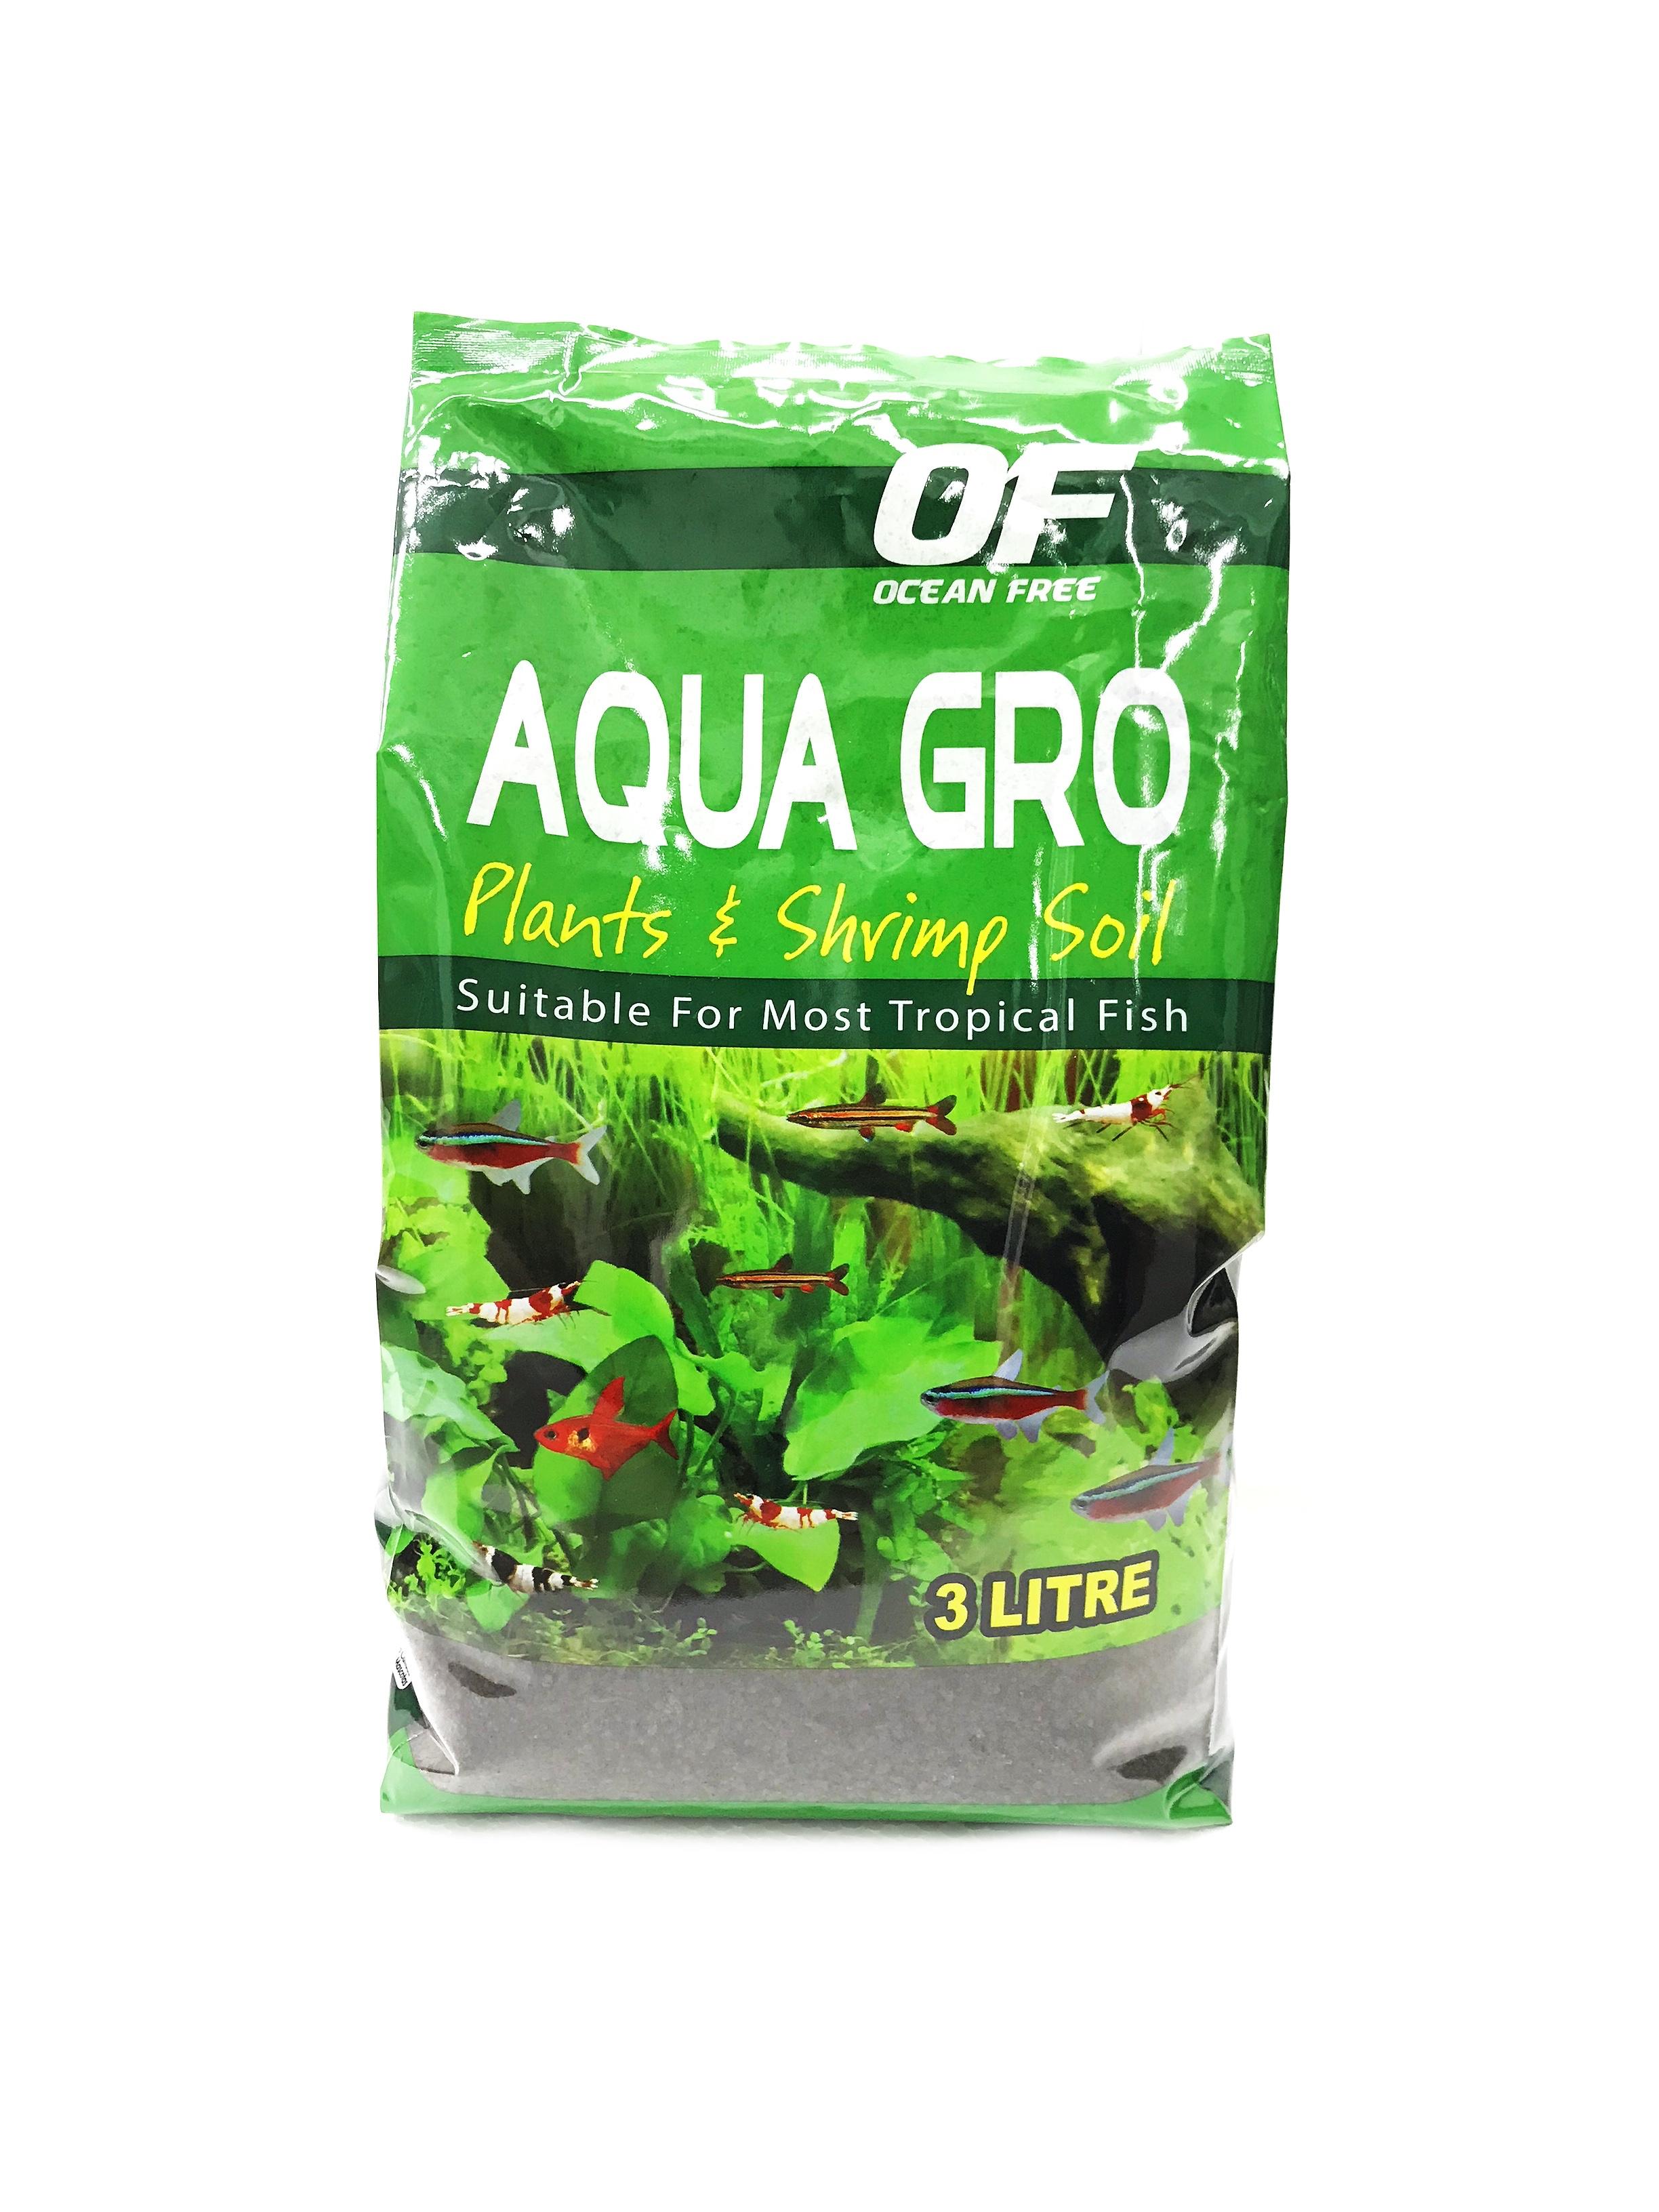 OF Ocean Free Aqua Gro Soil